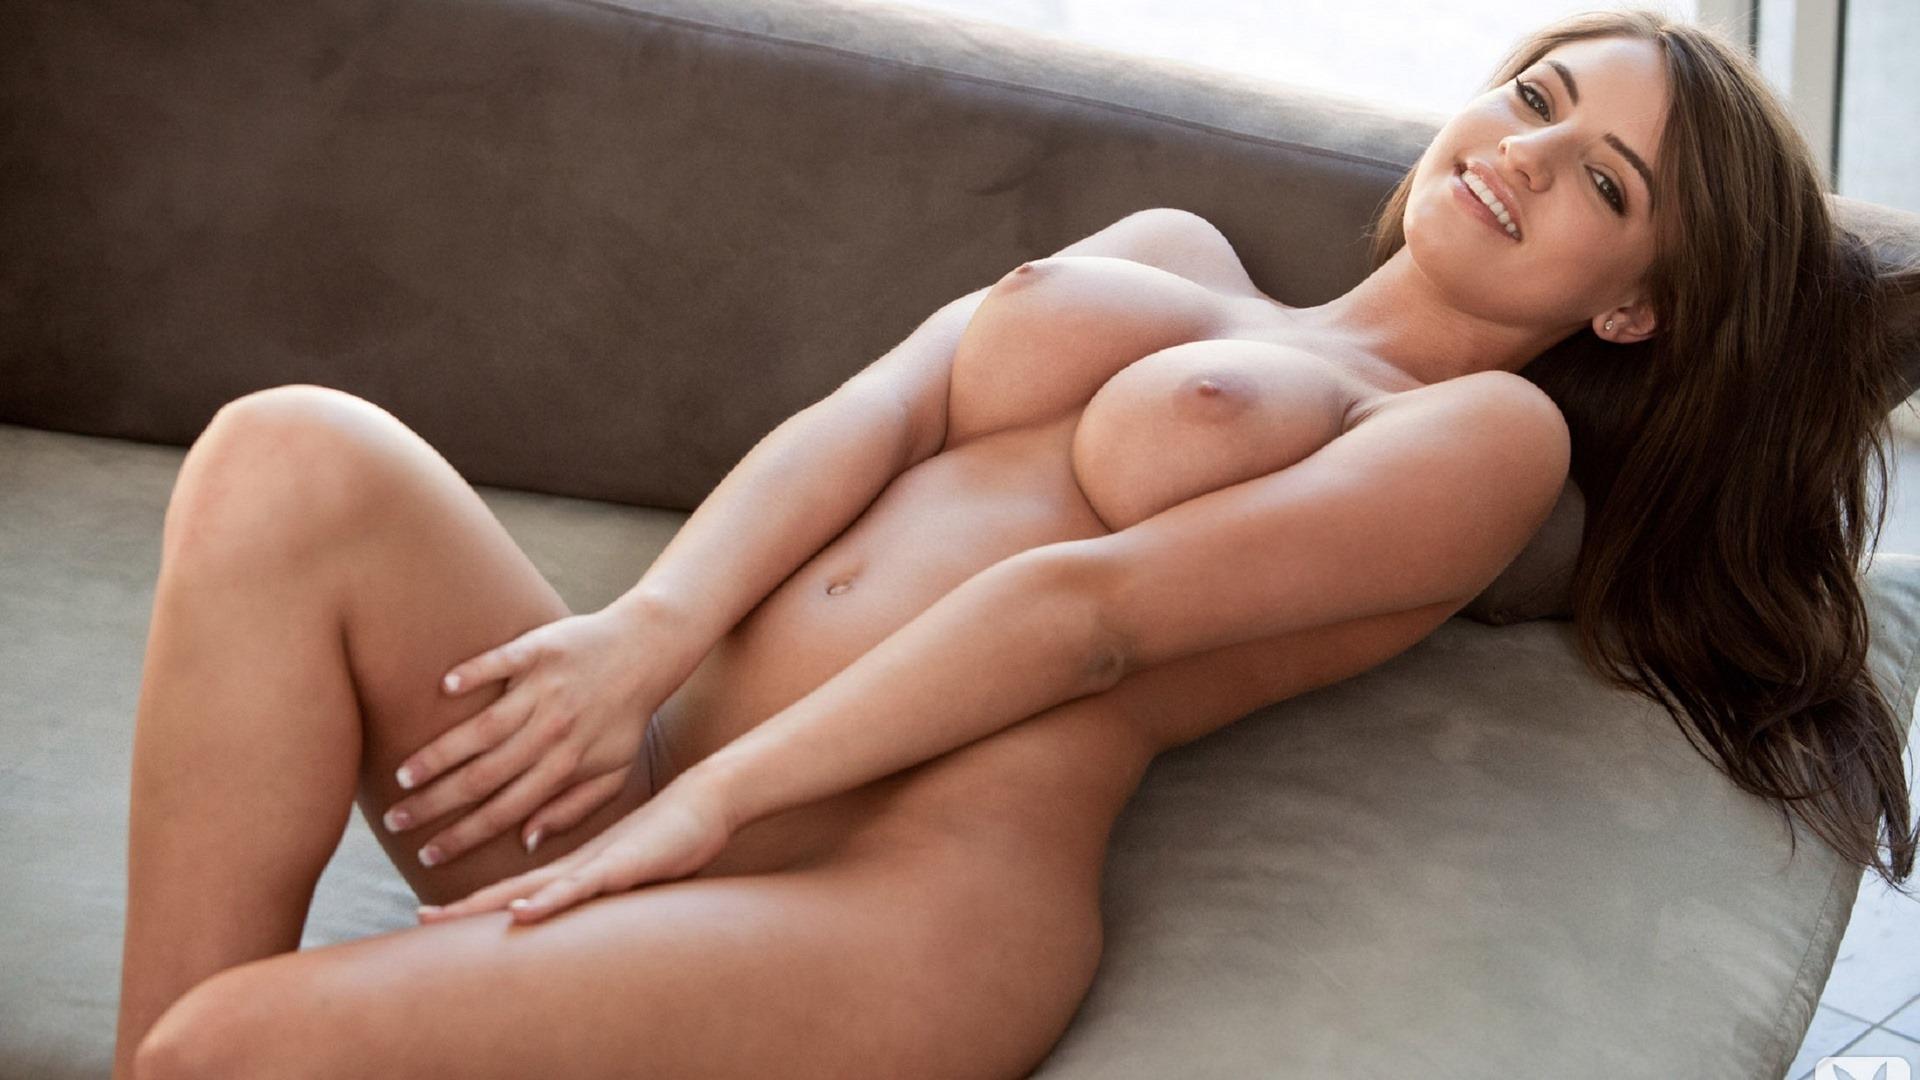 Смотреть как выглядят очень красивые девушки голые очень большая грудь десятый размер груди 23 фотография